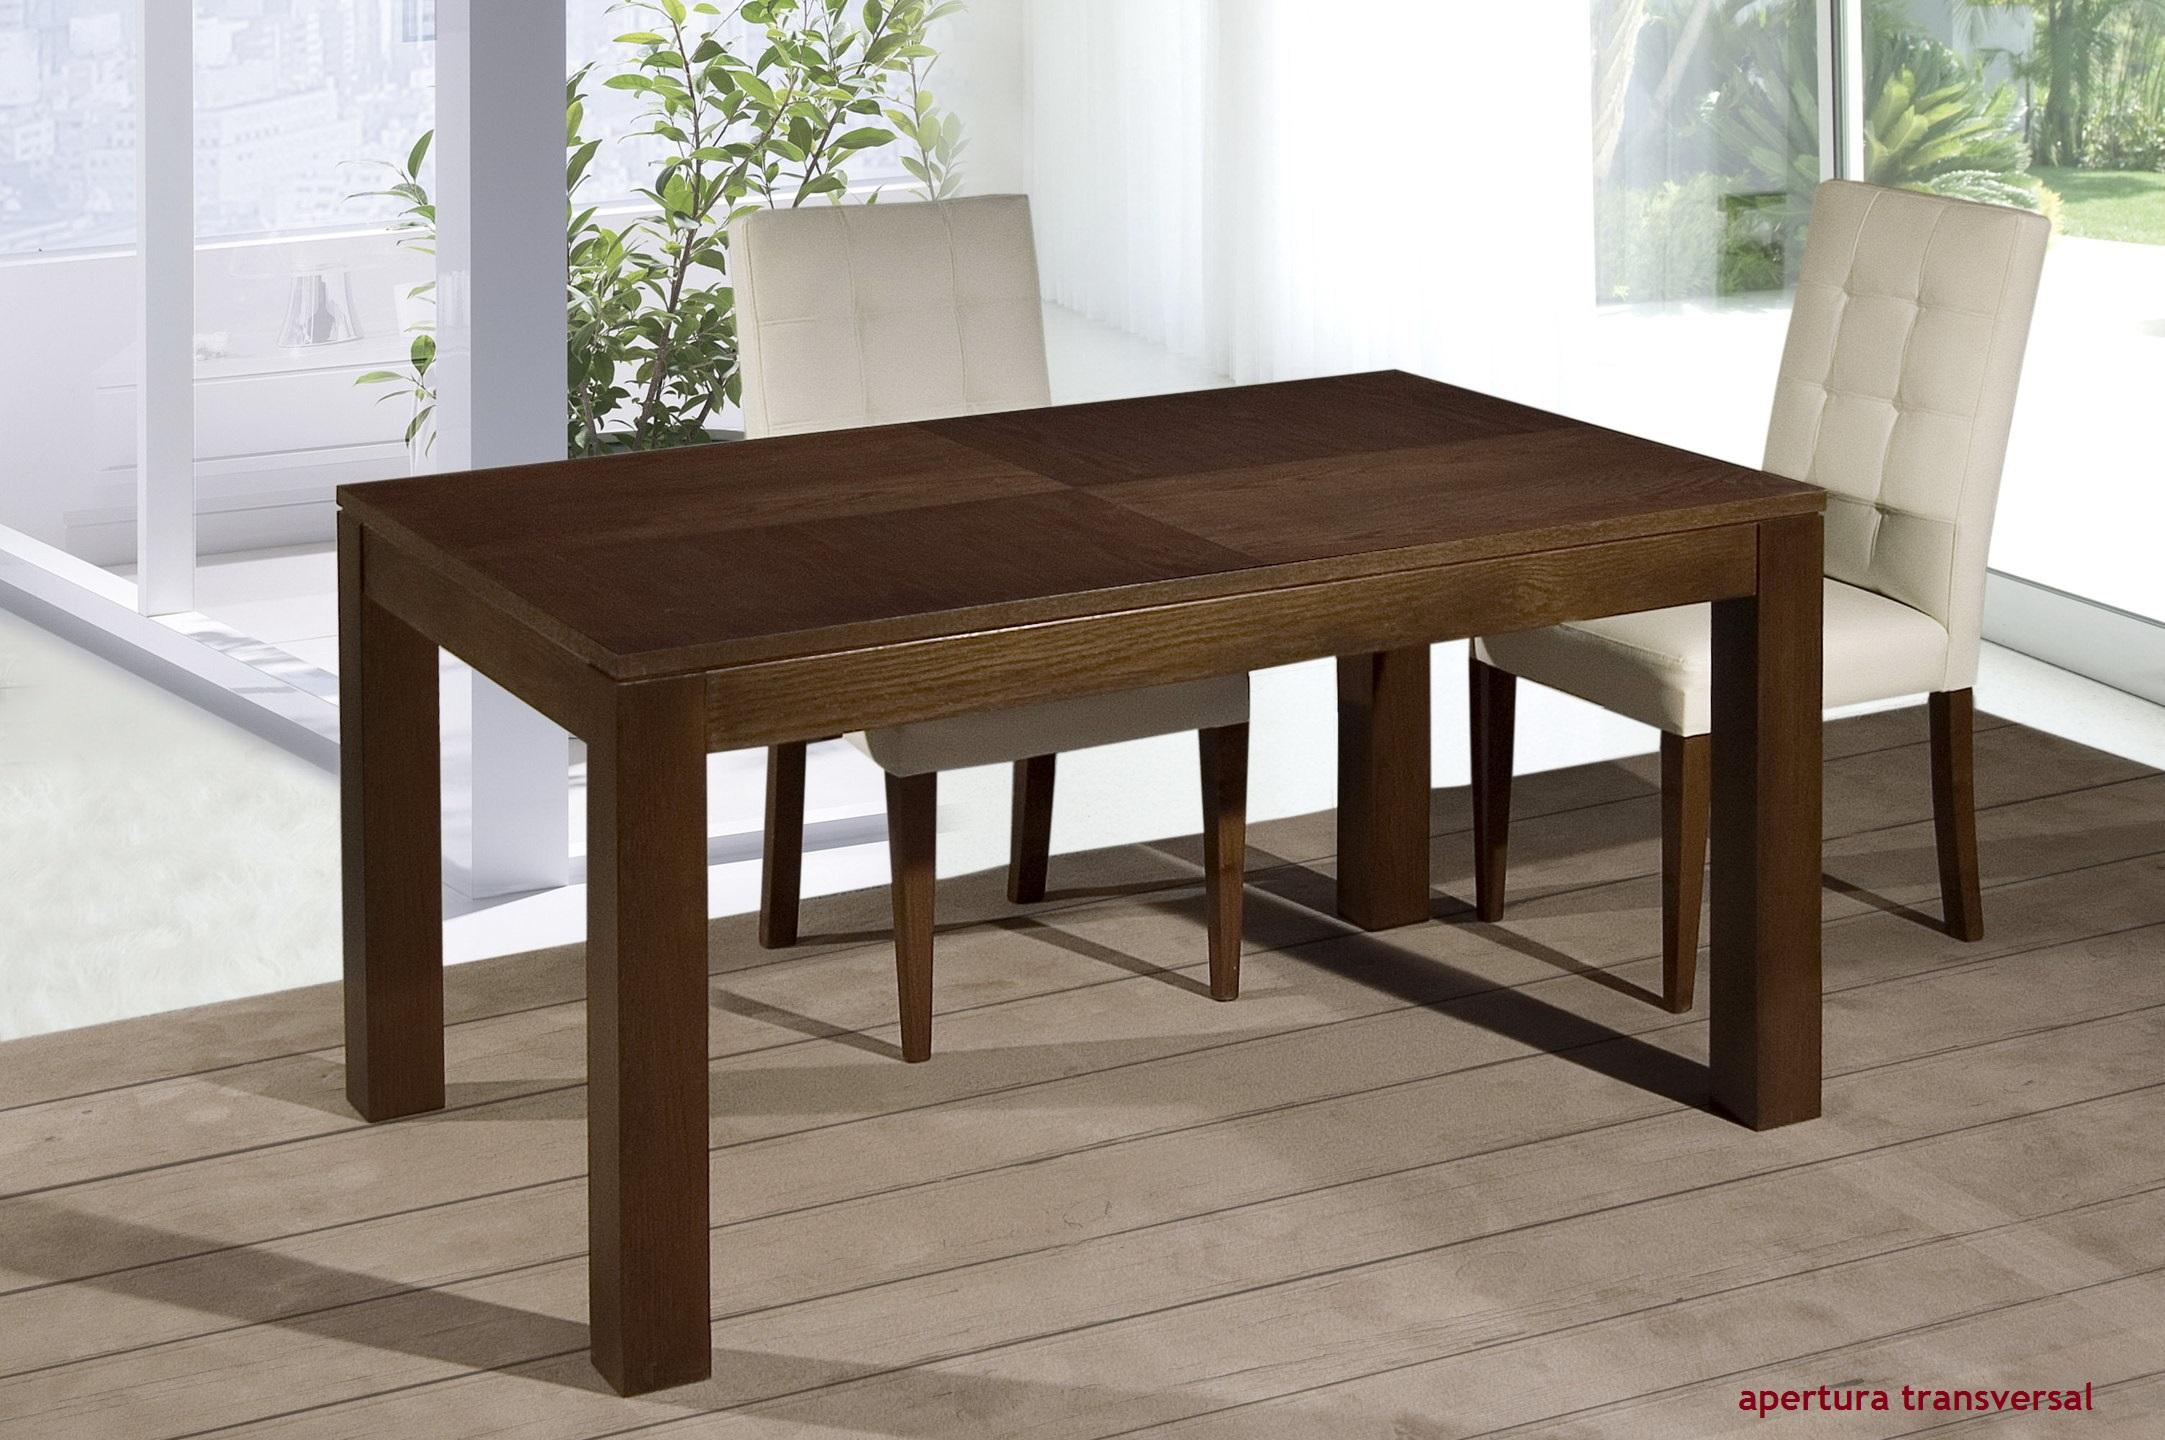 Mesas comedor Estilo Neoclásico by Artenogal 05.1 extensible transversal en muebles antoñán® León